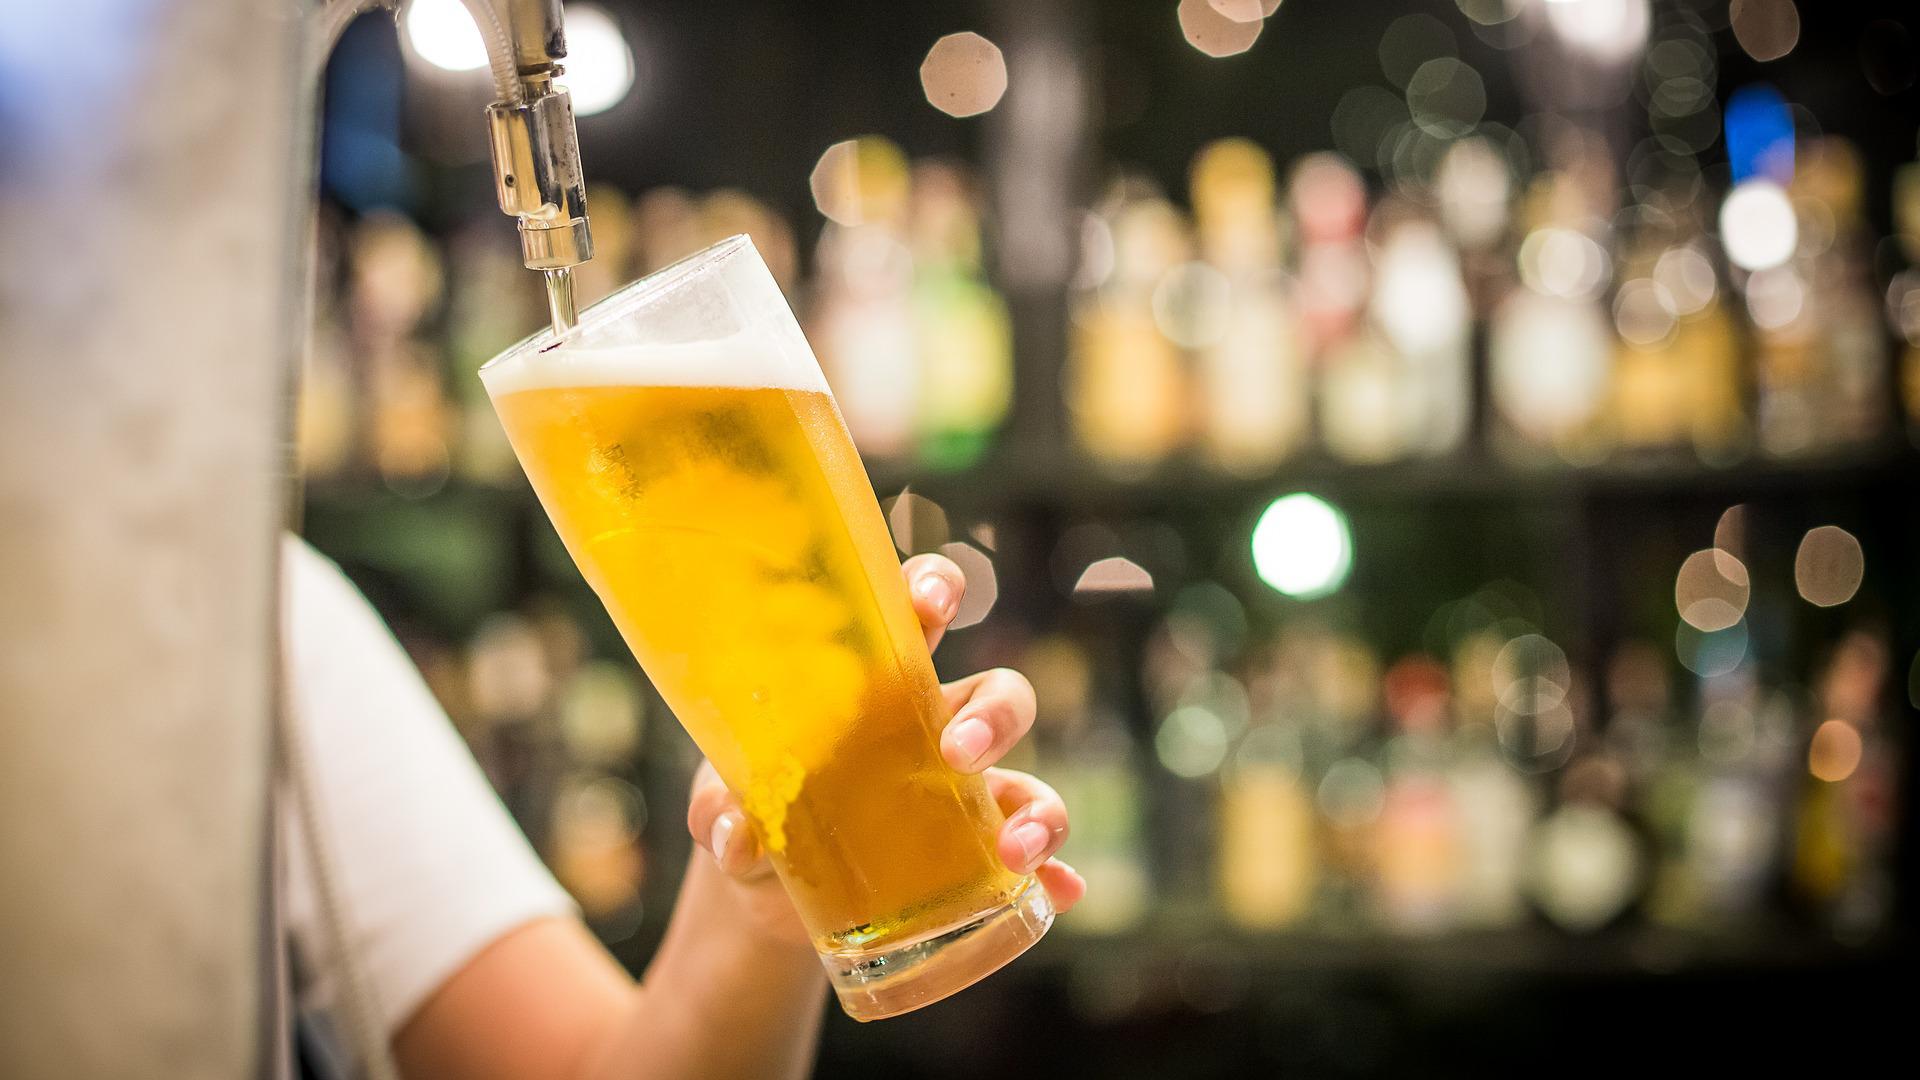 los-efectos-beneficiosos-de-beber-cerveza-con-moderacion-1920